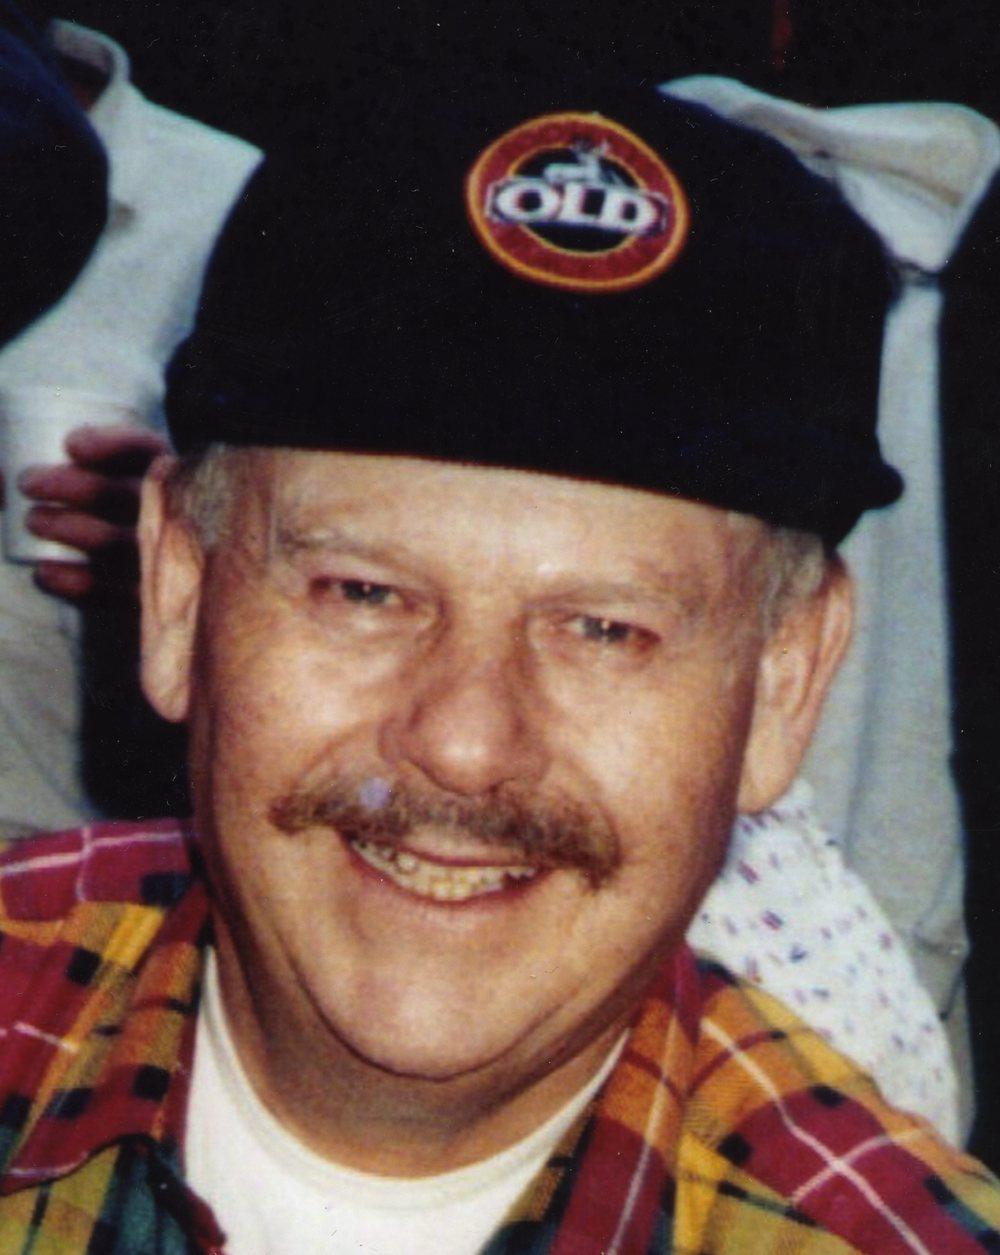 Ron Wild